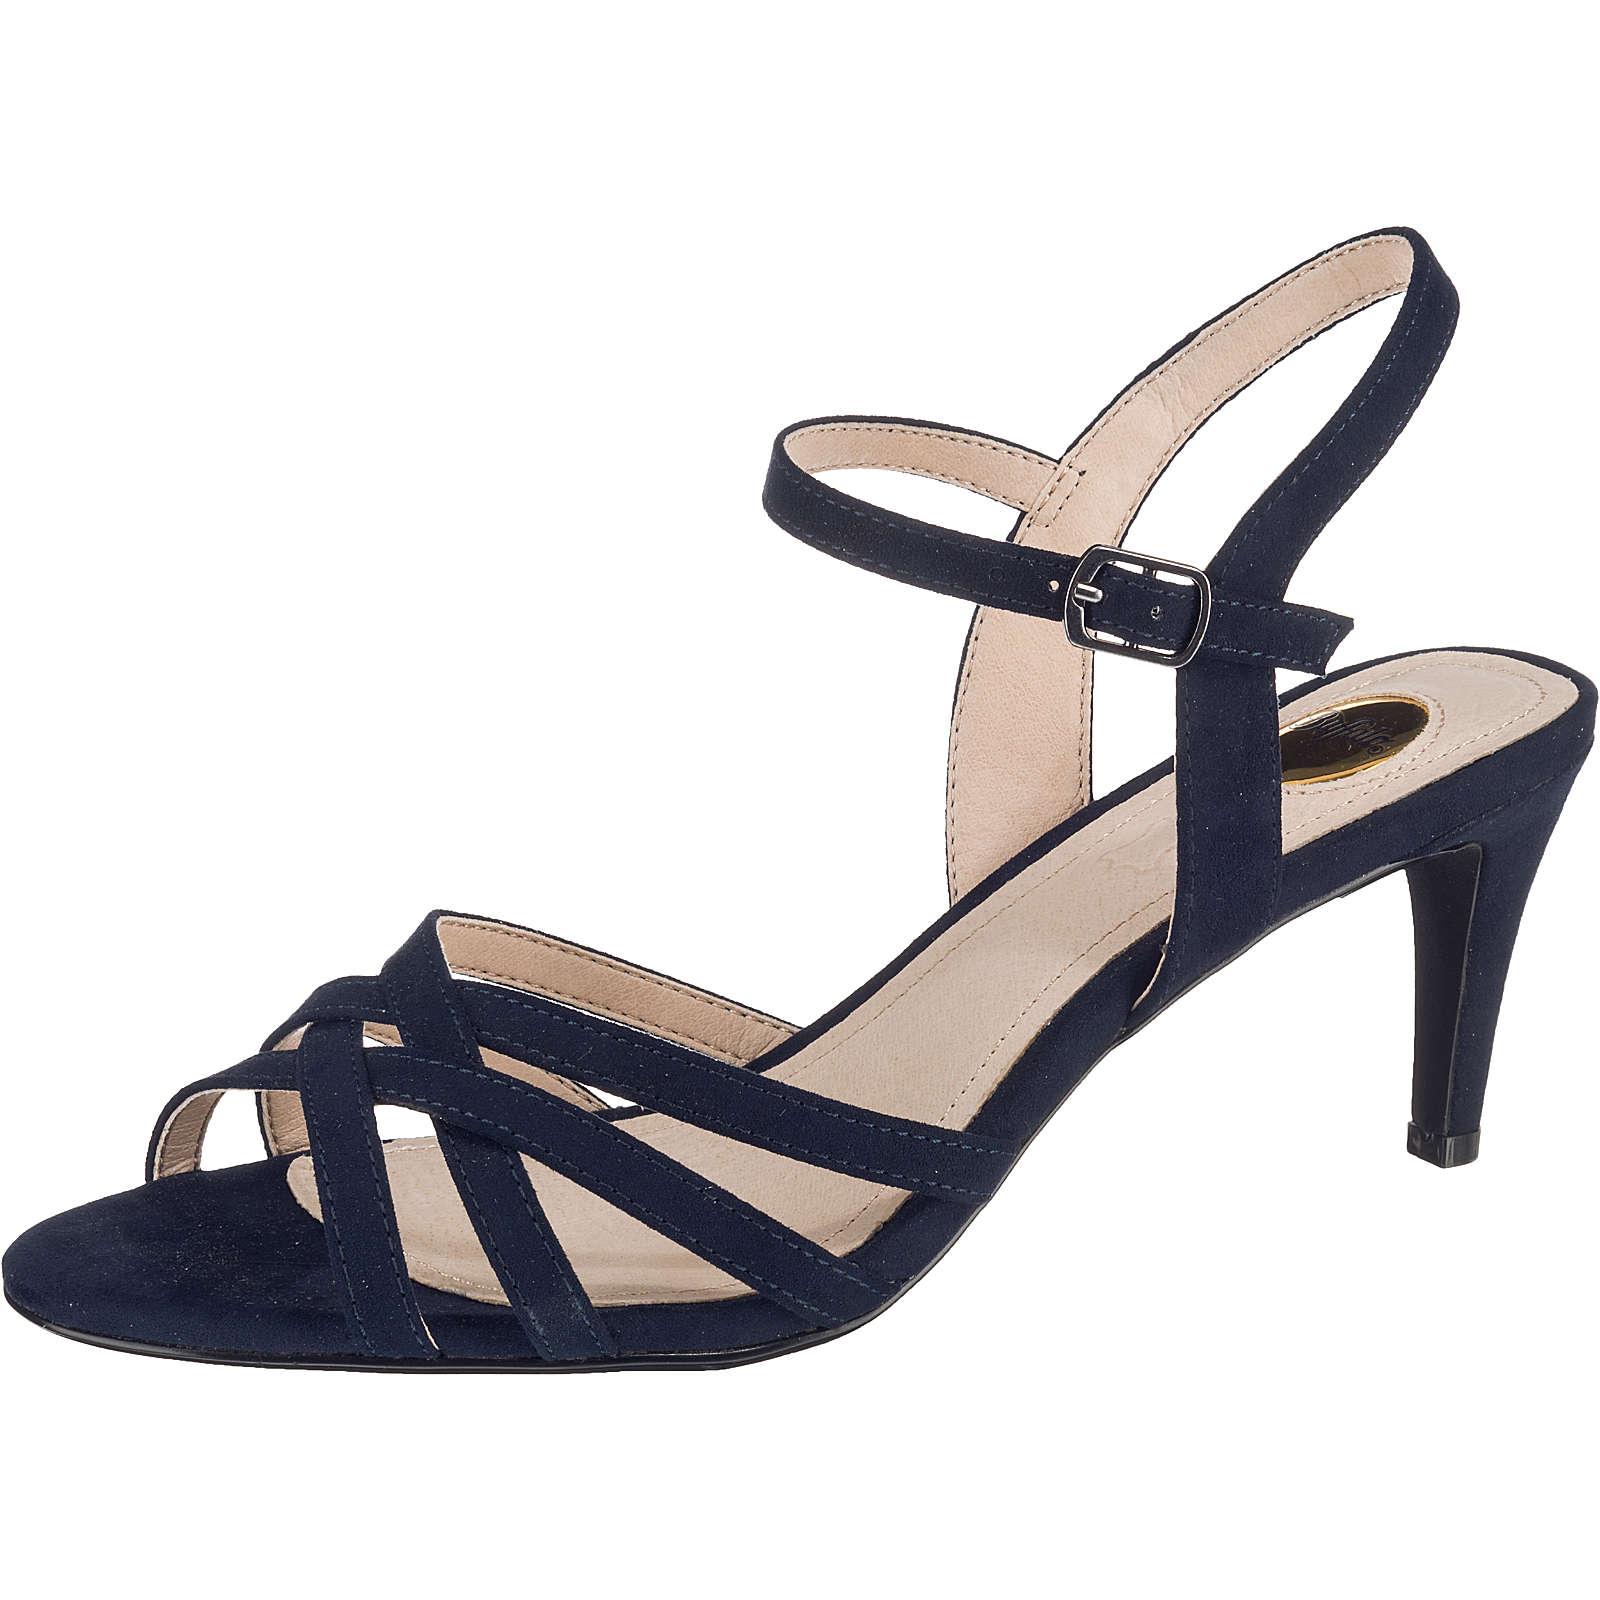 BUFFALO Agneta Klassische Sandaletten dunkelblau Damen Gr. 39